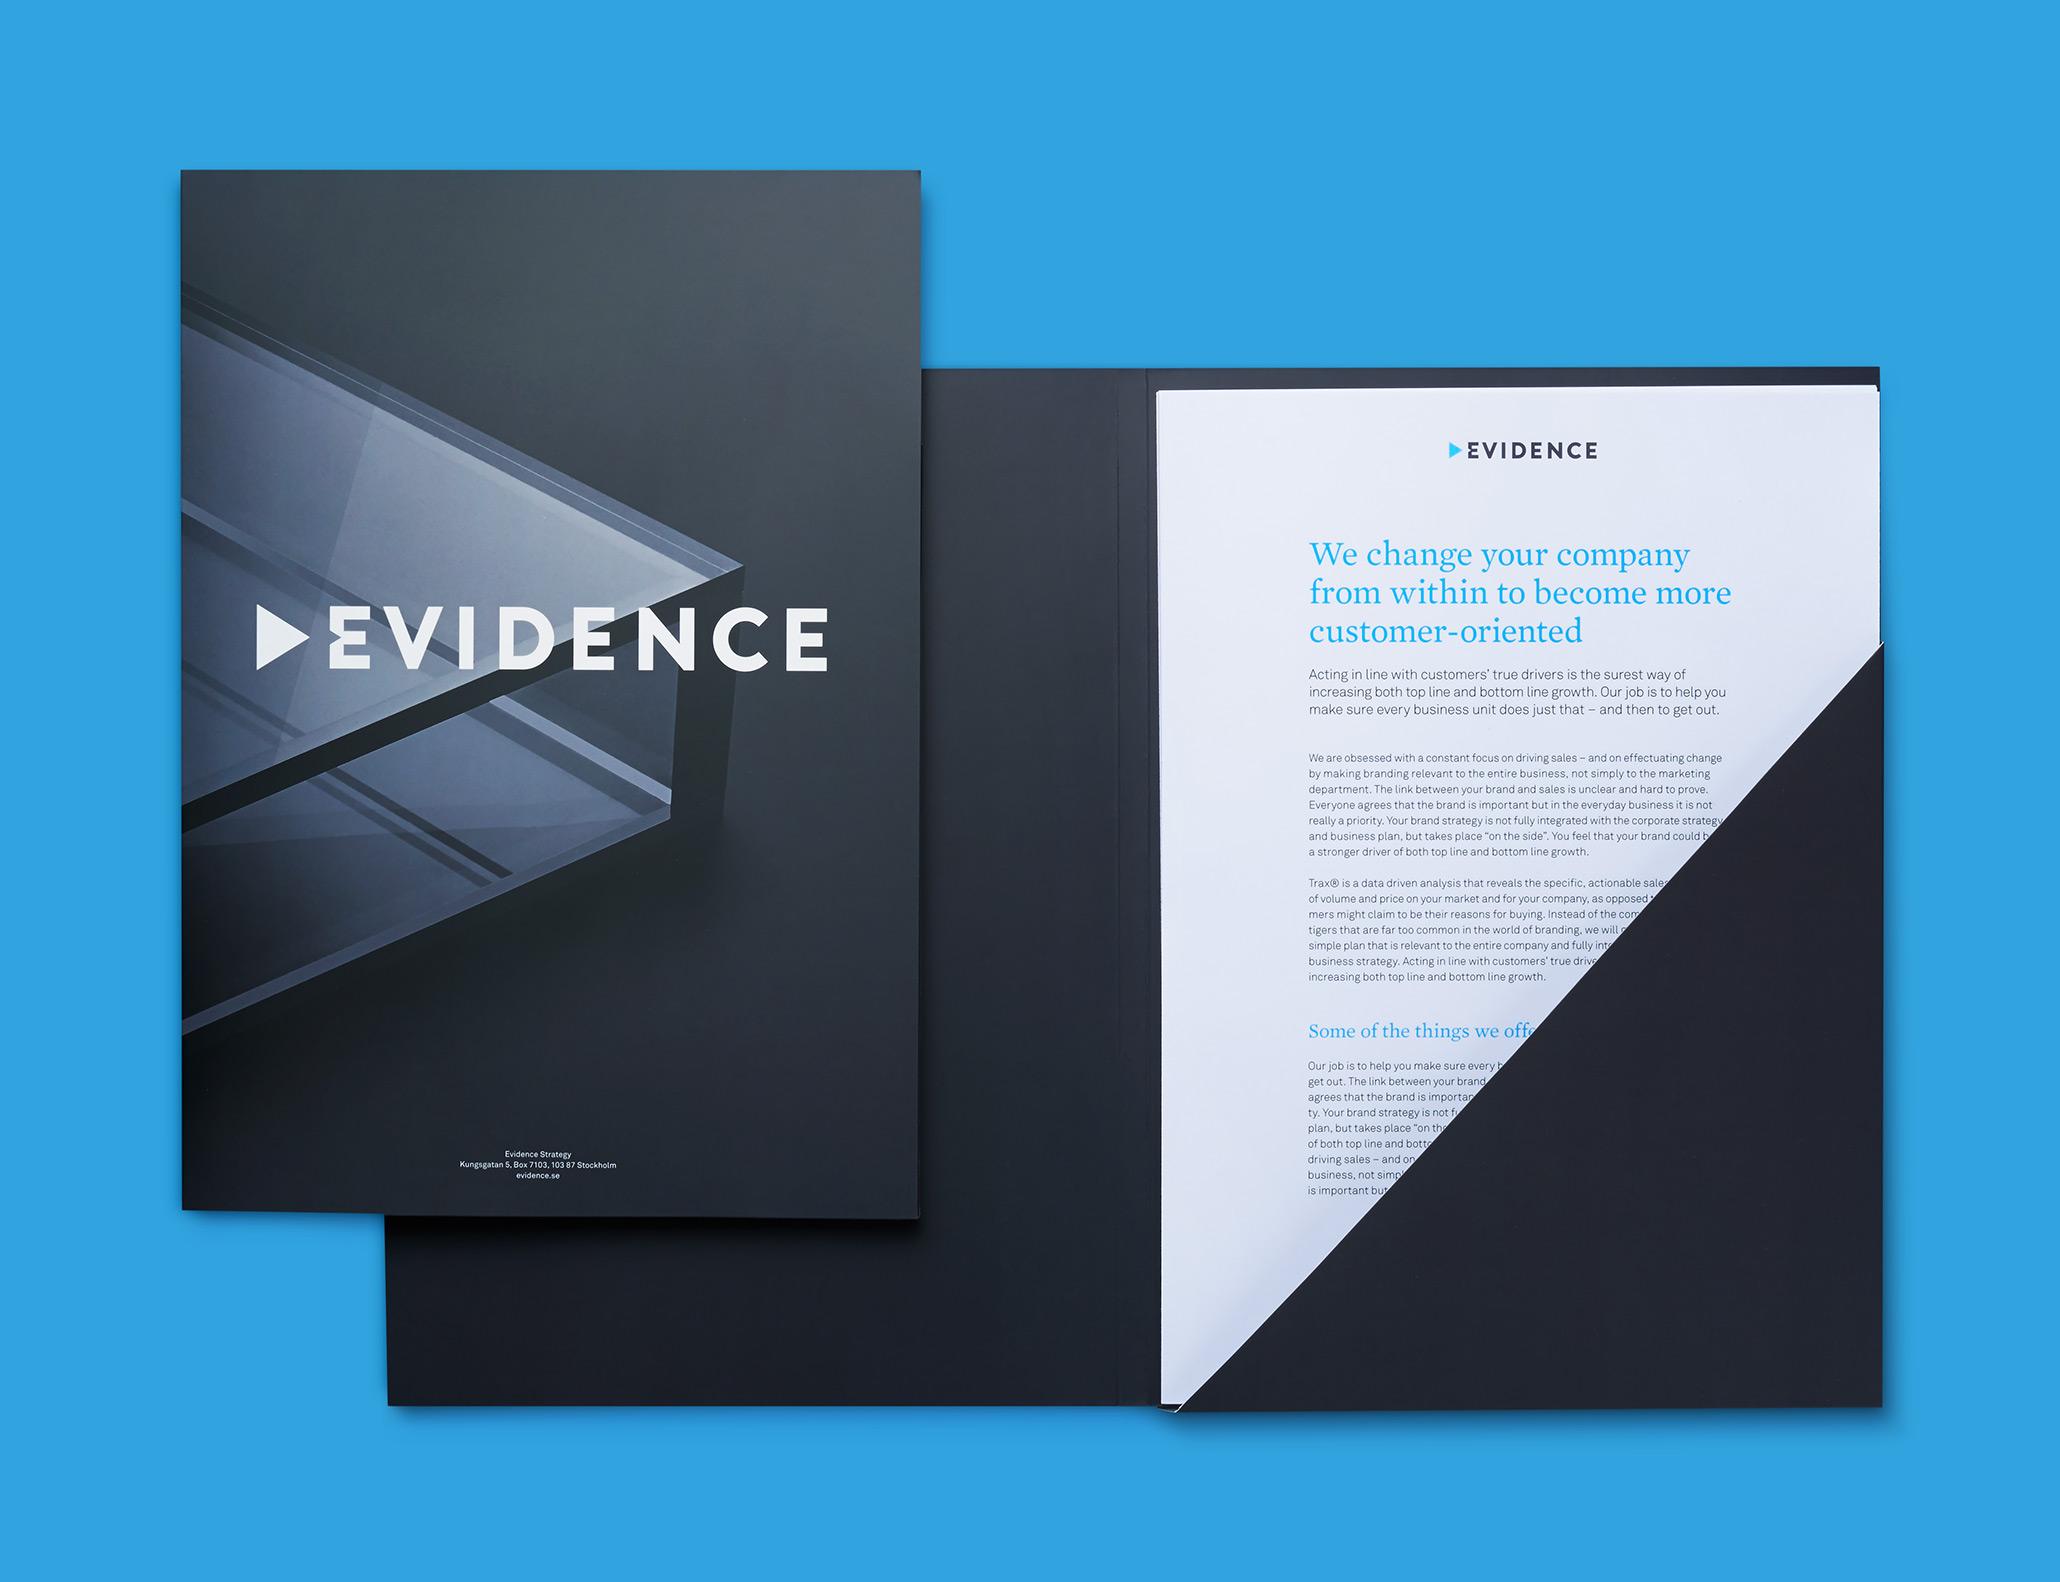 bold_evidence-mapp1